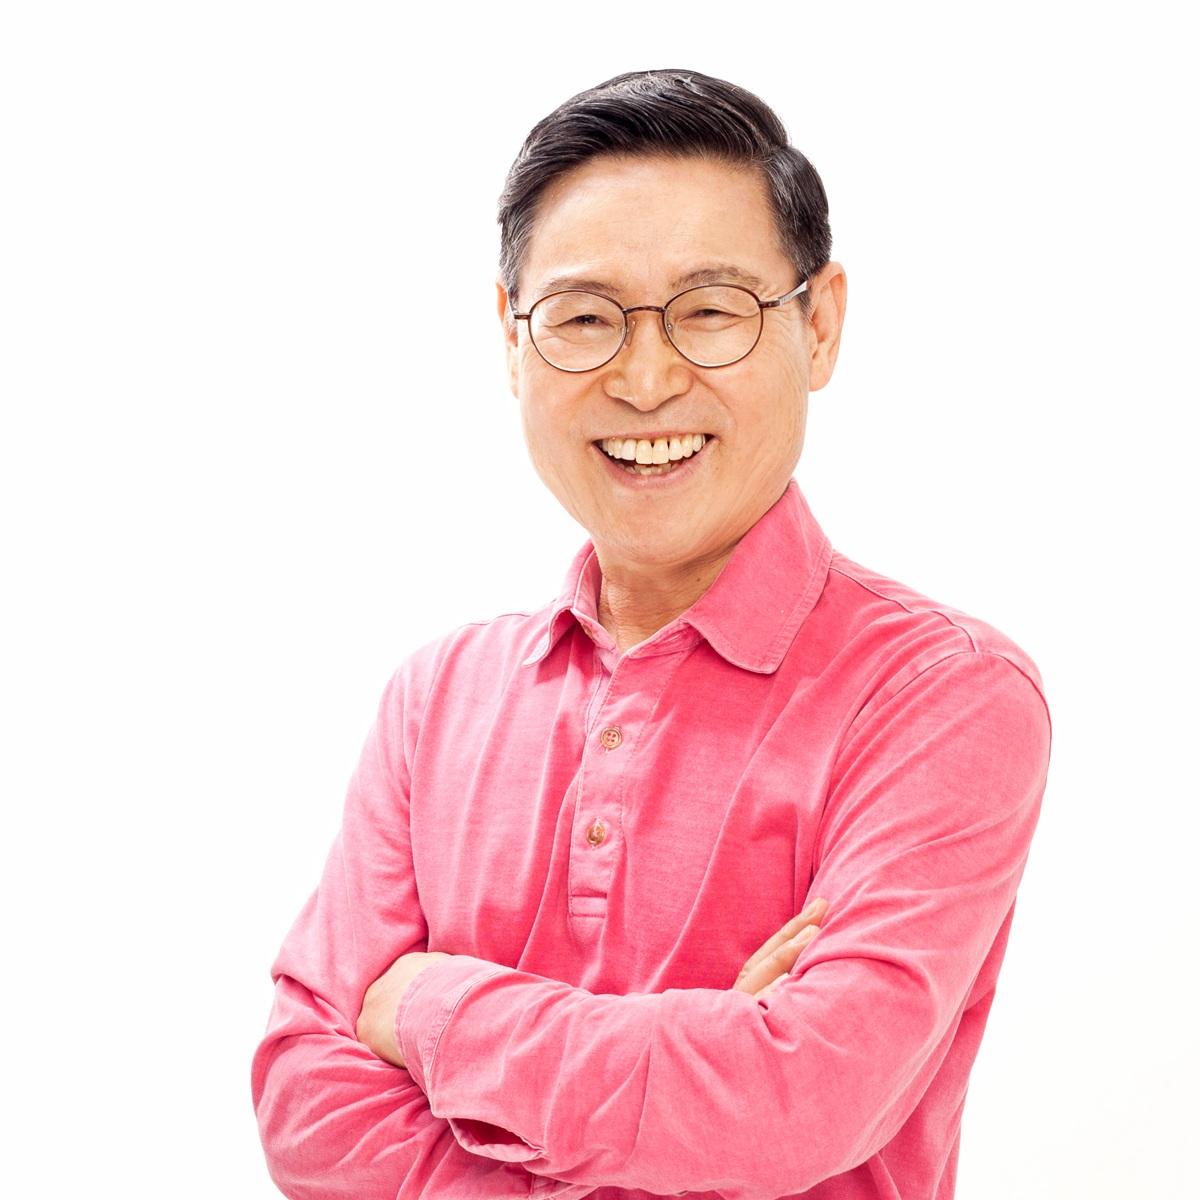 설기문 박사 - 대한민국 최고 최면전문가 설기문 마음연구소 원장